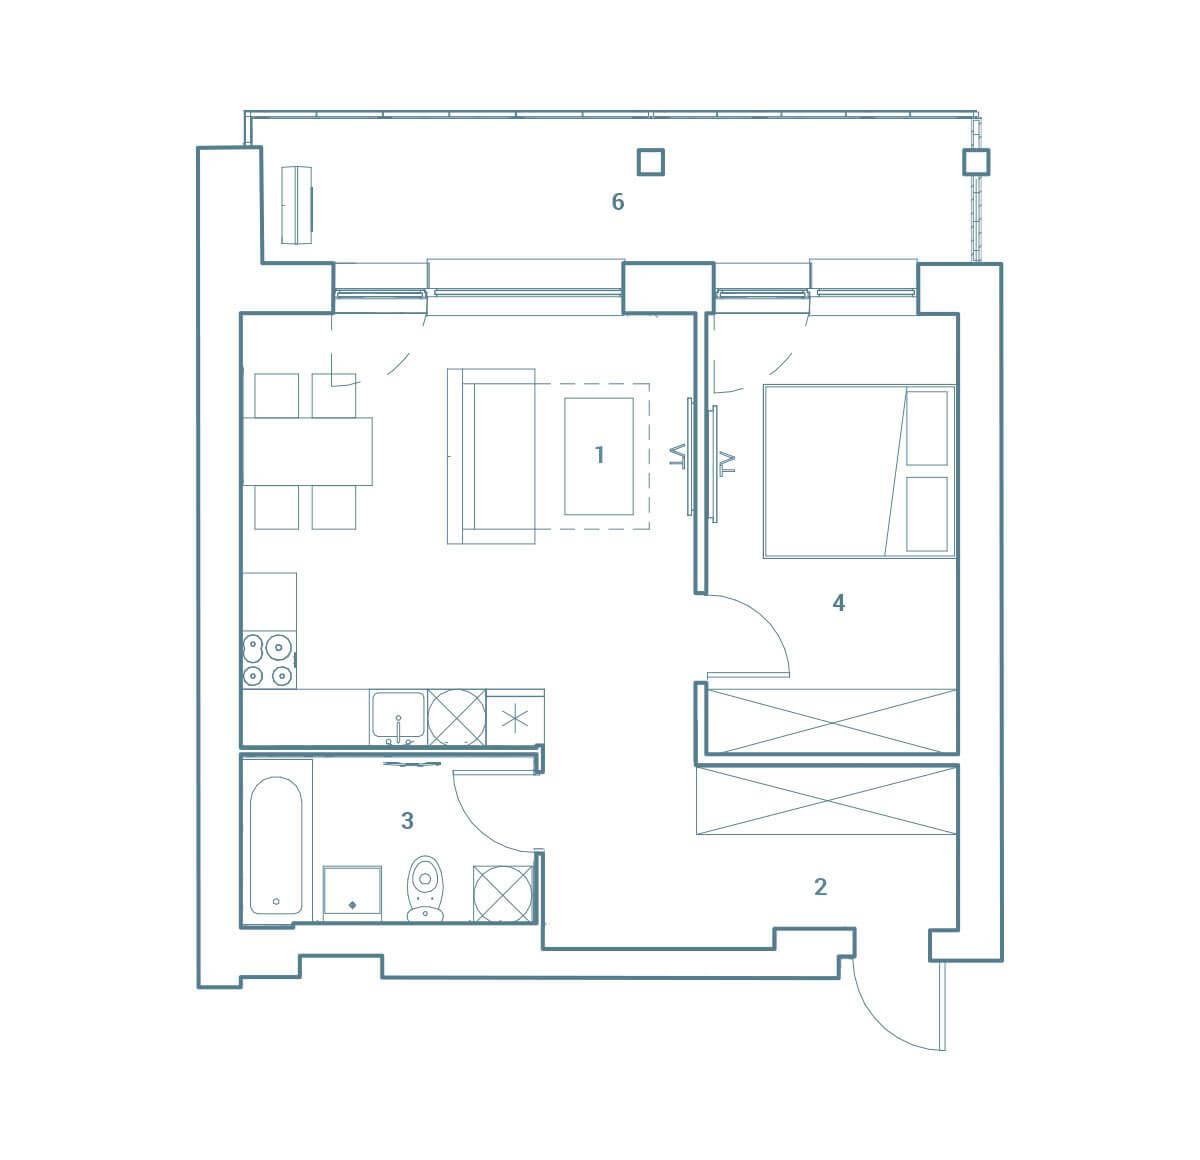 parduodamas butas Lazdynėlių g. 16C - 15  Vilniuje, buto 2D vaizdas